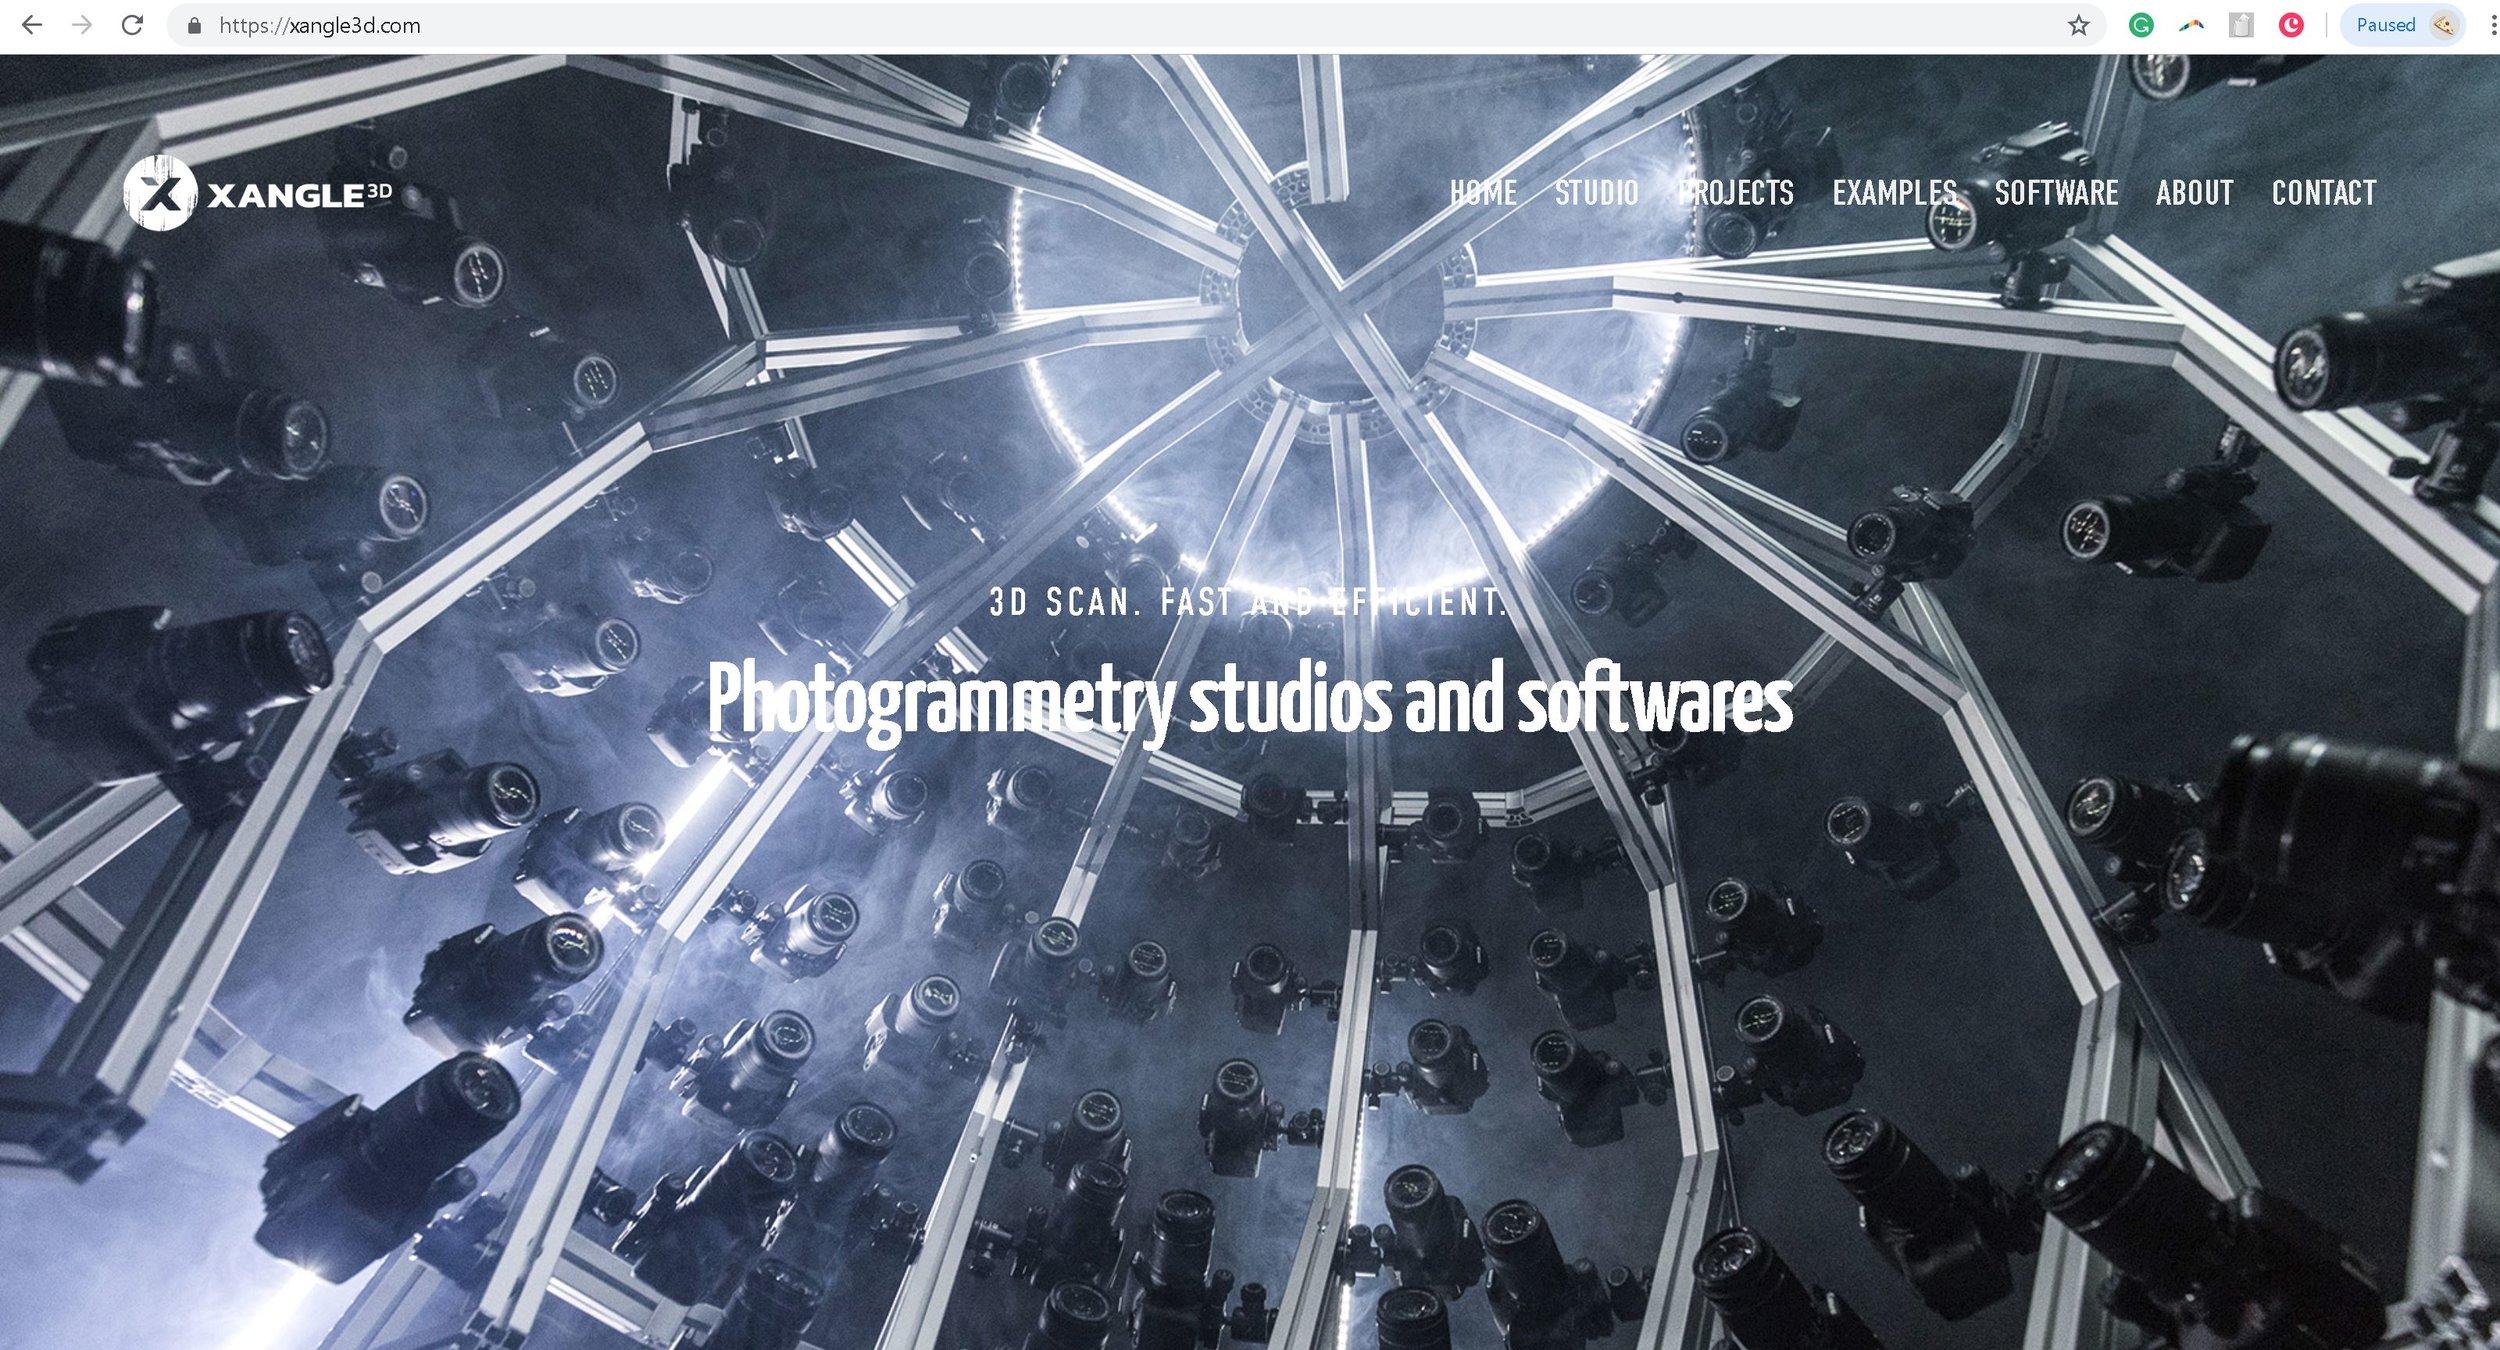 New website: Photogrammetry / 3d scan software + studio in